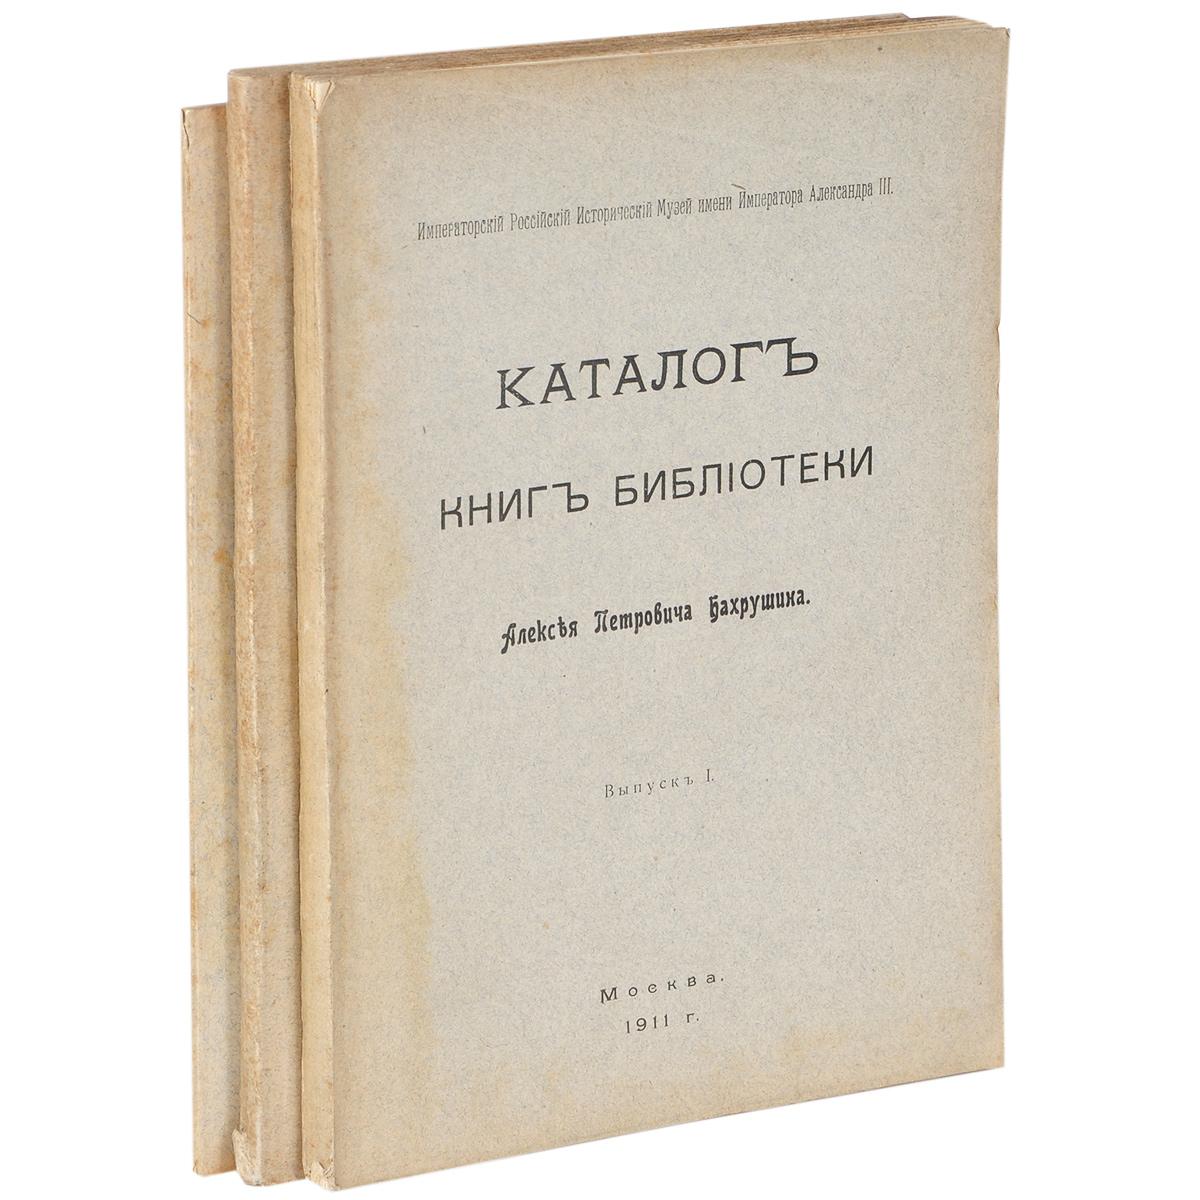 Каталог книг библиотеки Алексея Петровича Бахрушина (комплект из 3 книг)